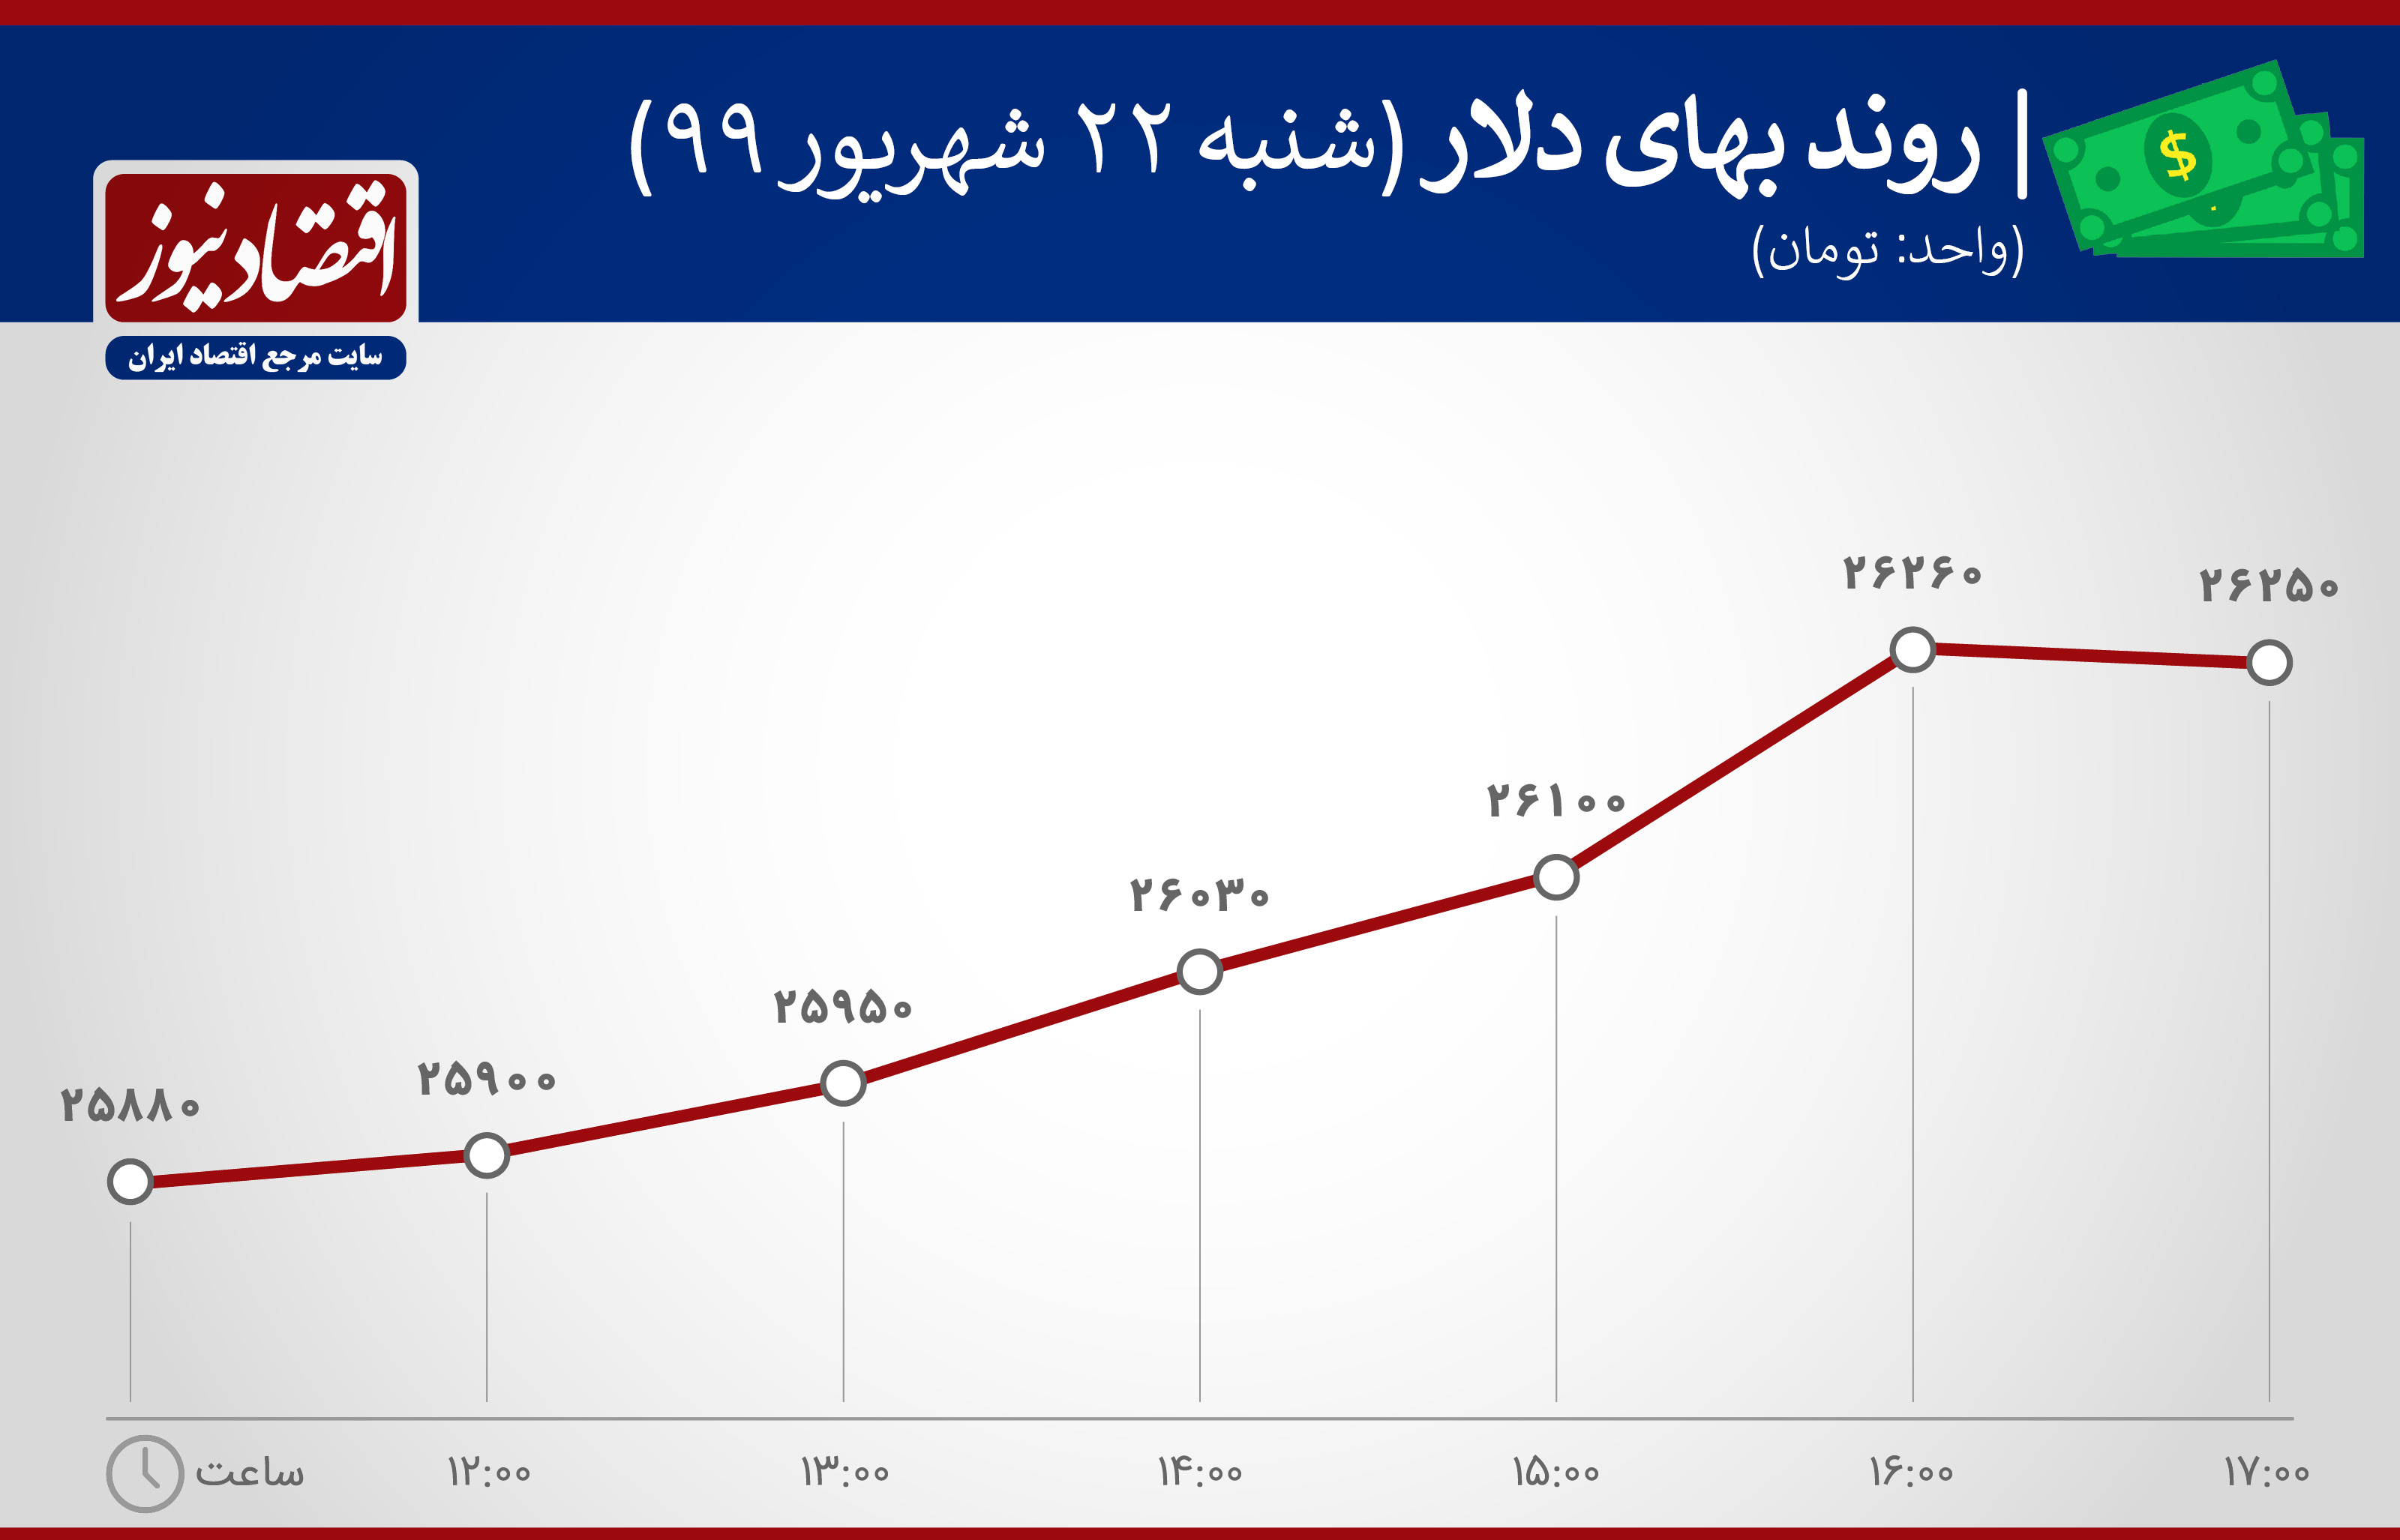 نموداربهای دلار 22 شهریور